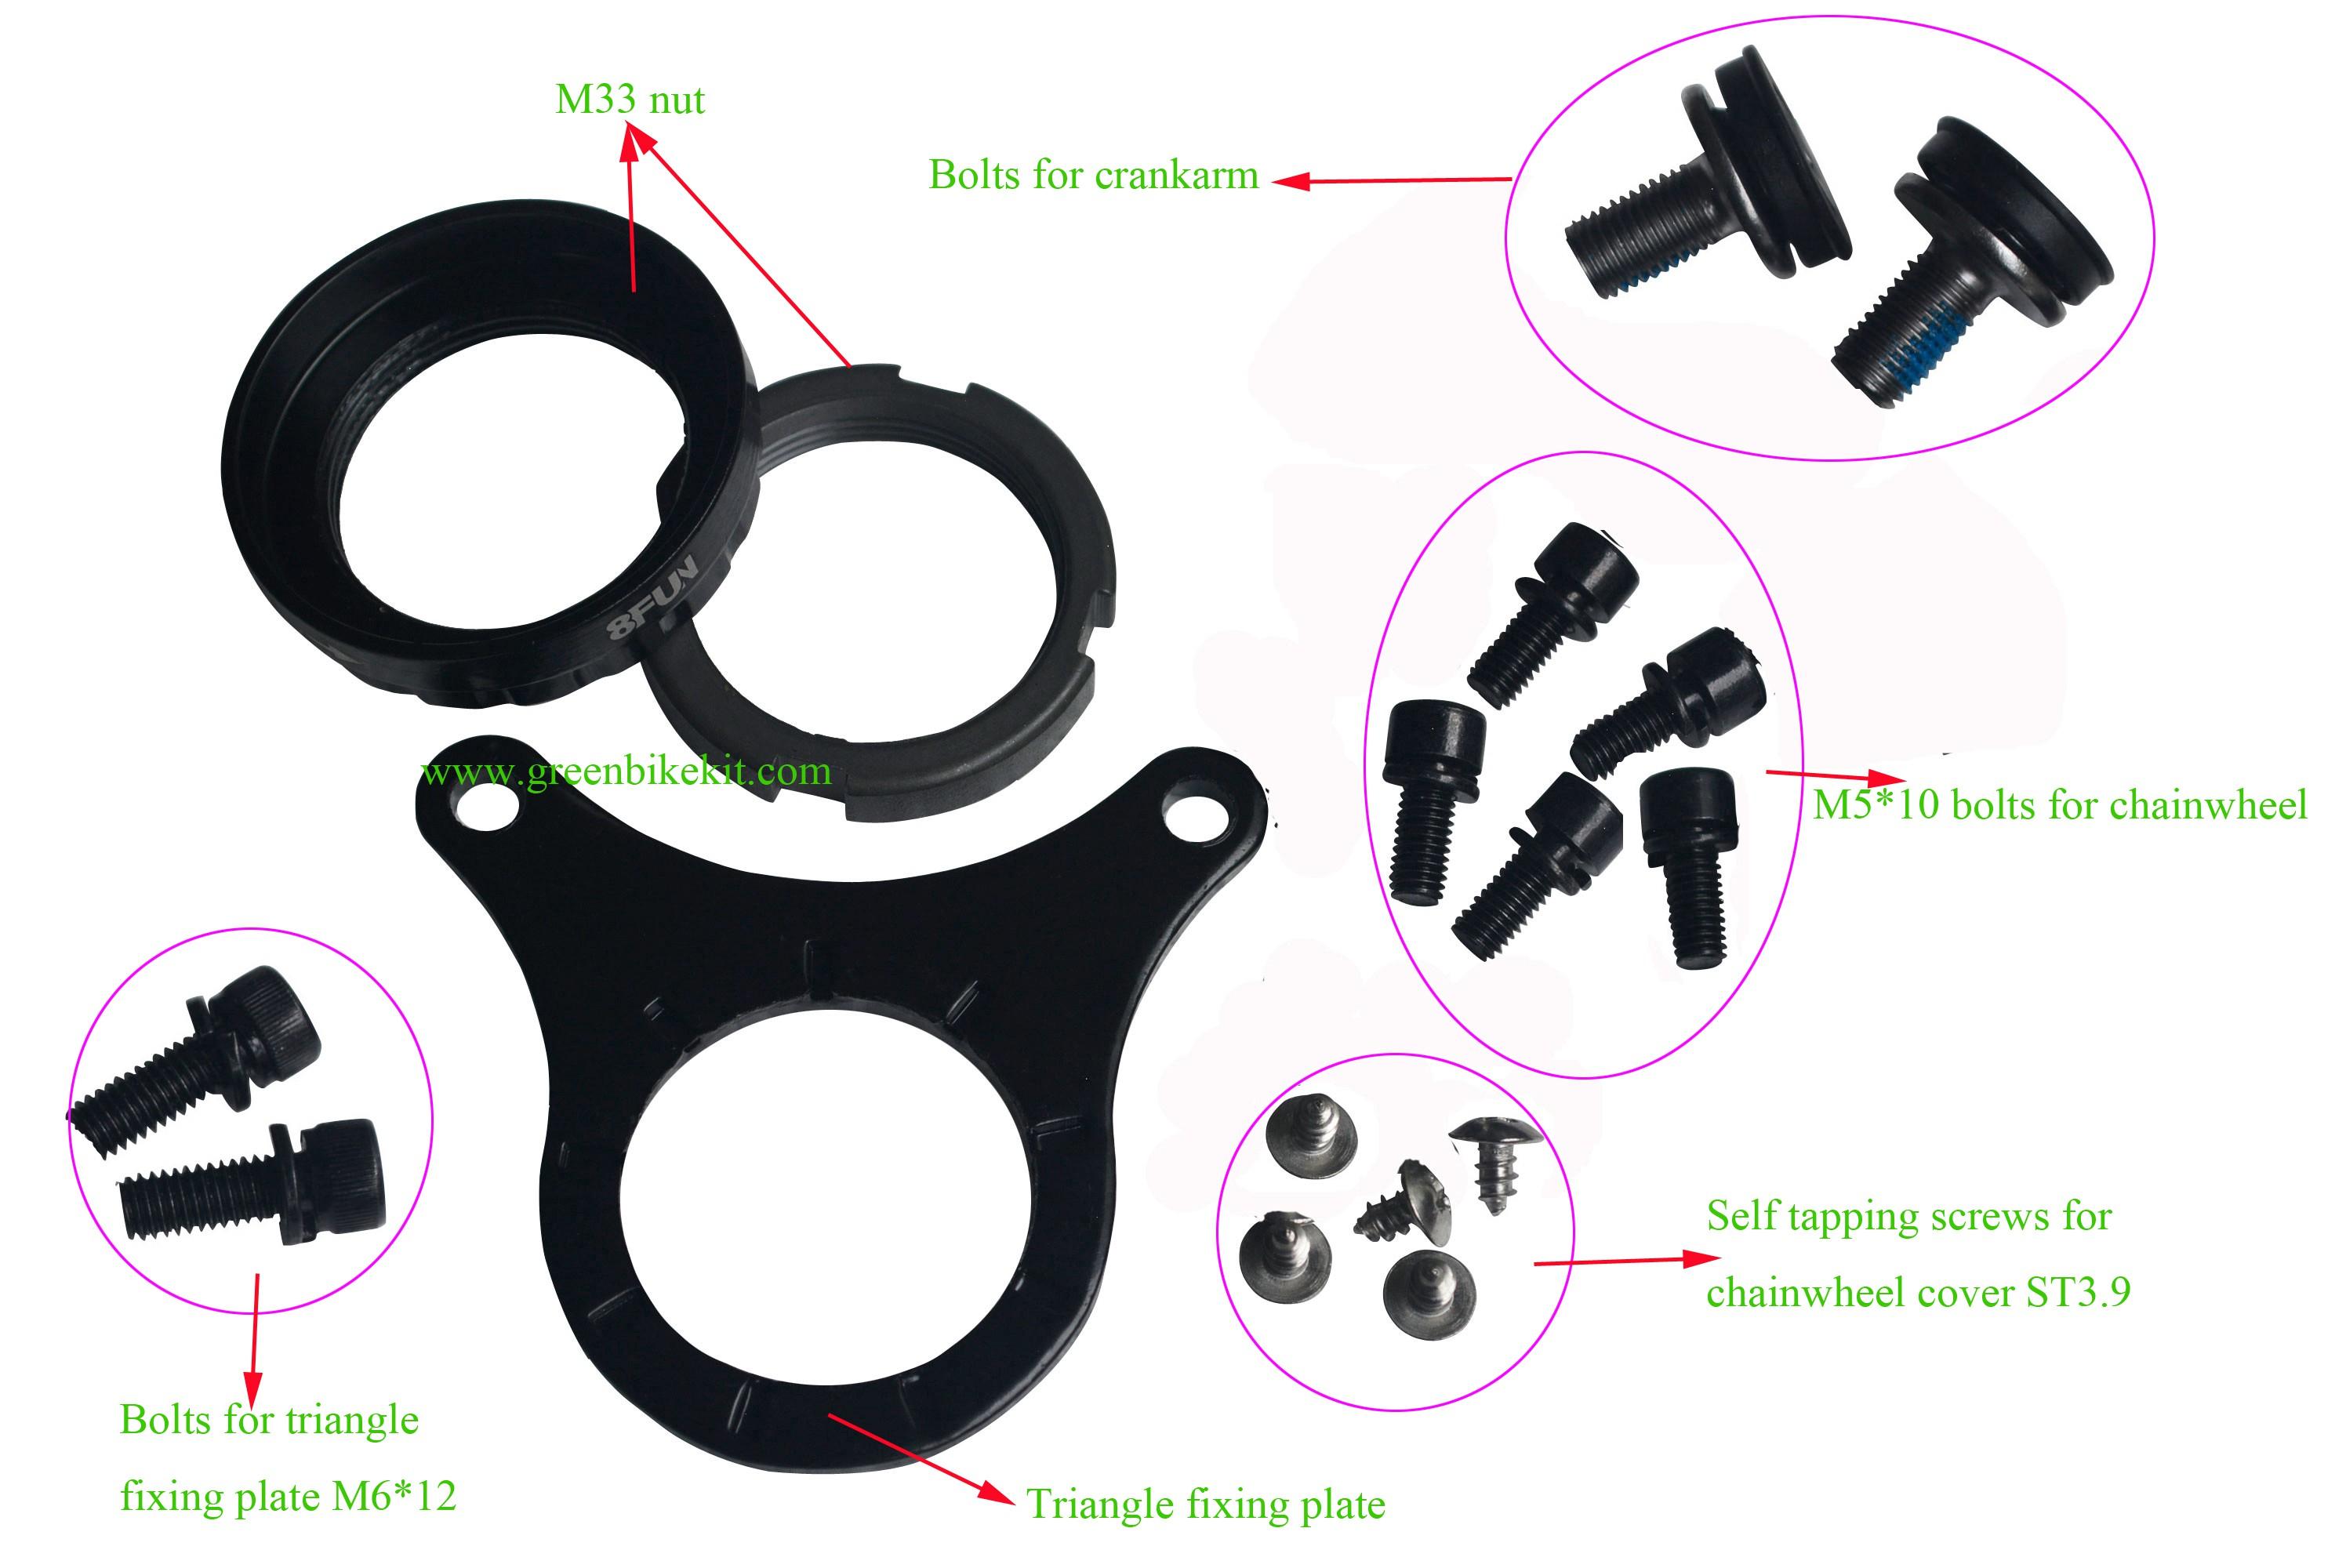 bafang-8fun-bbs01b-bbs02-spare-parts-kits